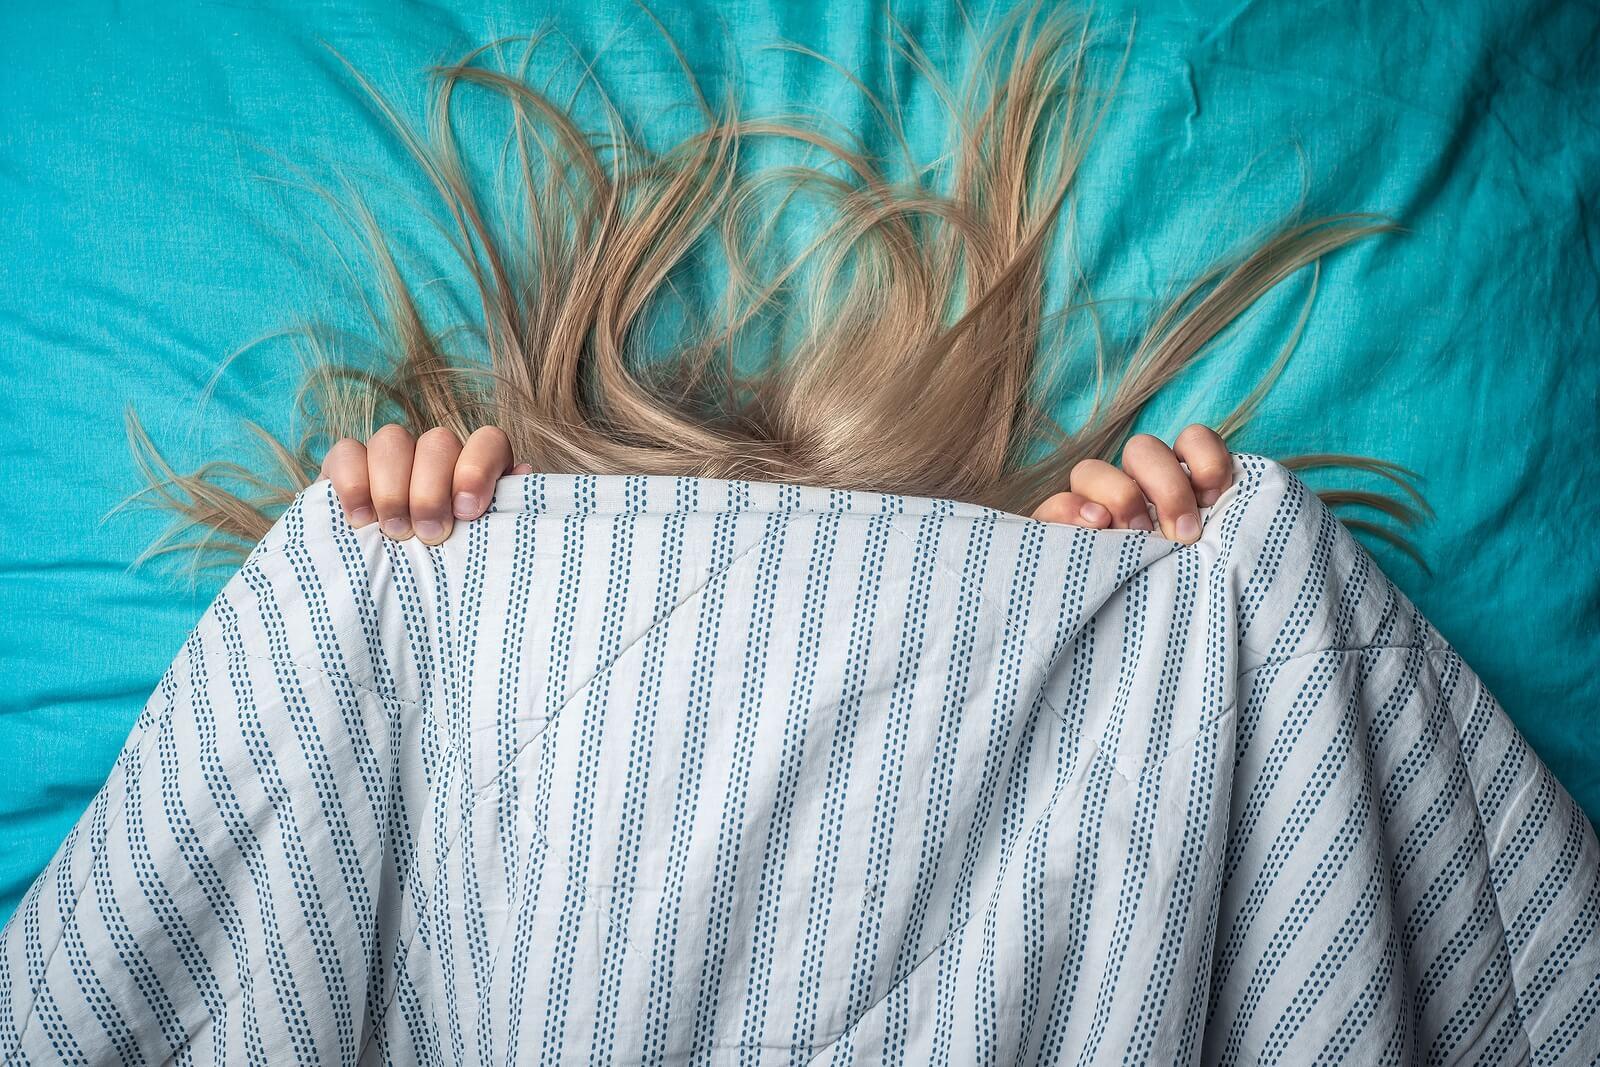 Une jeune fille qui se cache sous un drap.